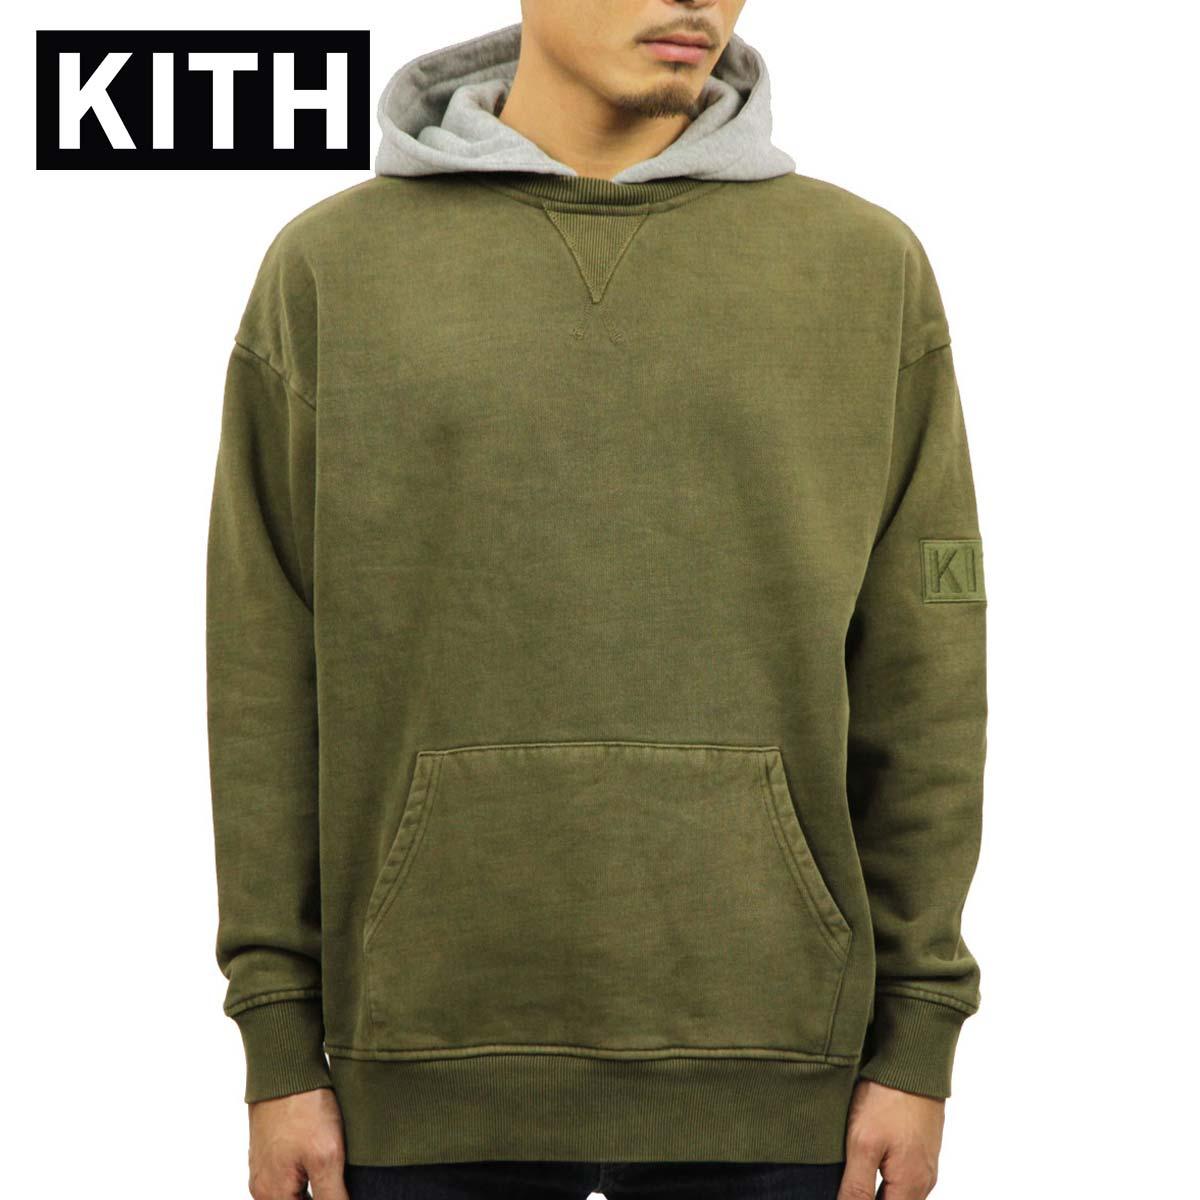 キス KITH 正規品 メンズ プルオーバーパーカー KITH TWO-TONE WILLIAMS II HOODIE KH2223-106 OLIVE / HEATHER GREY